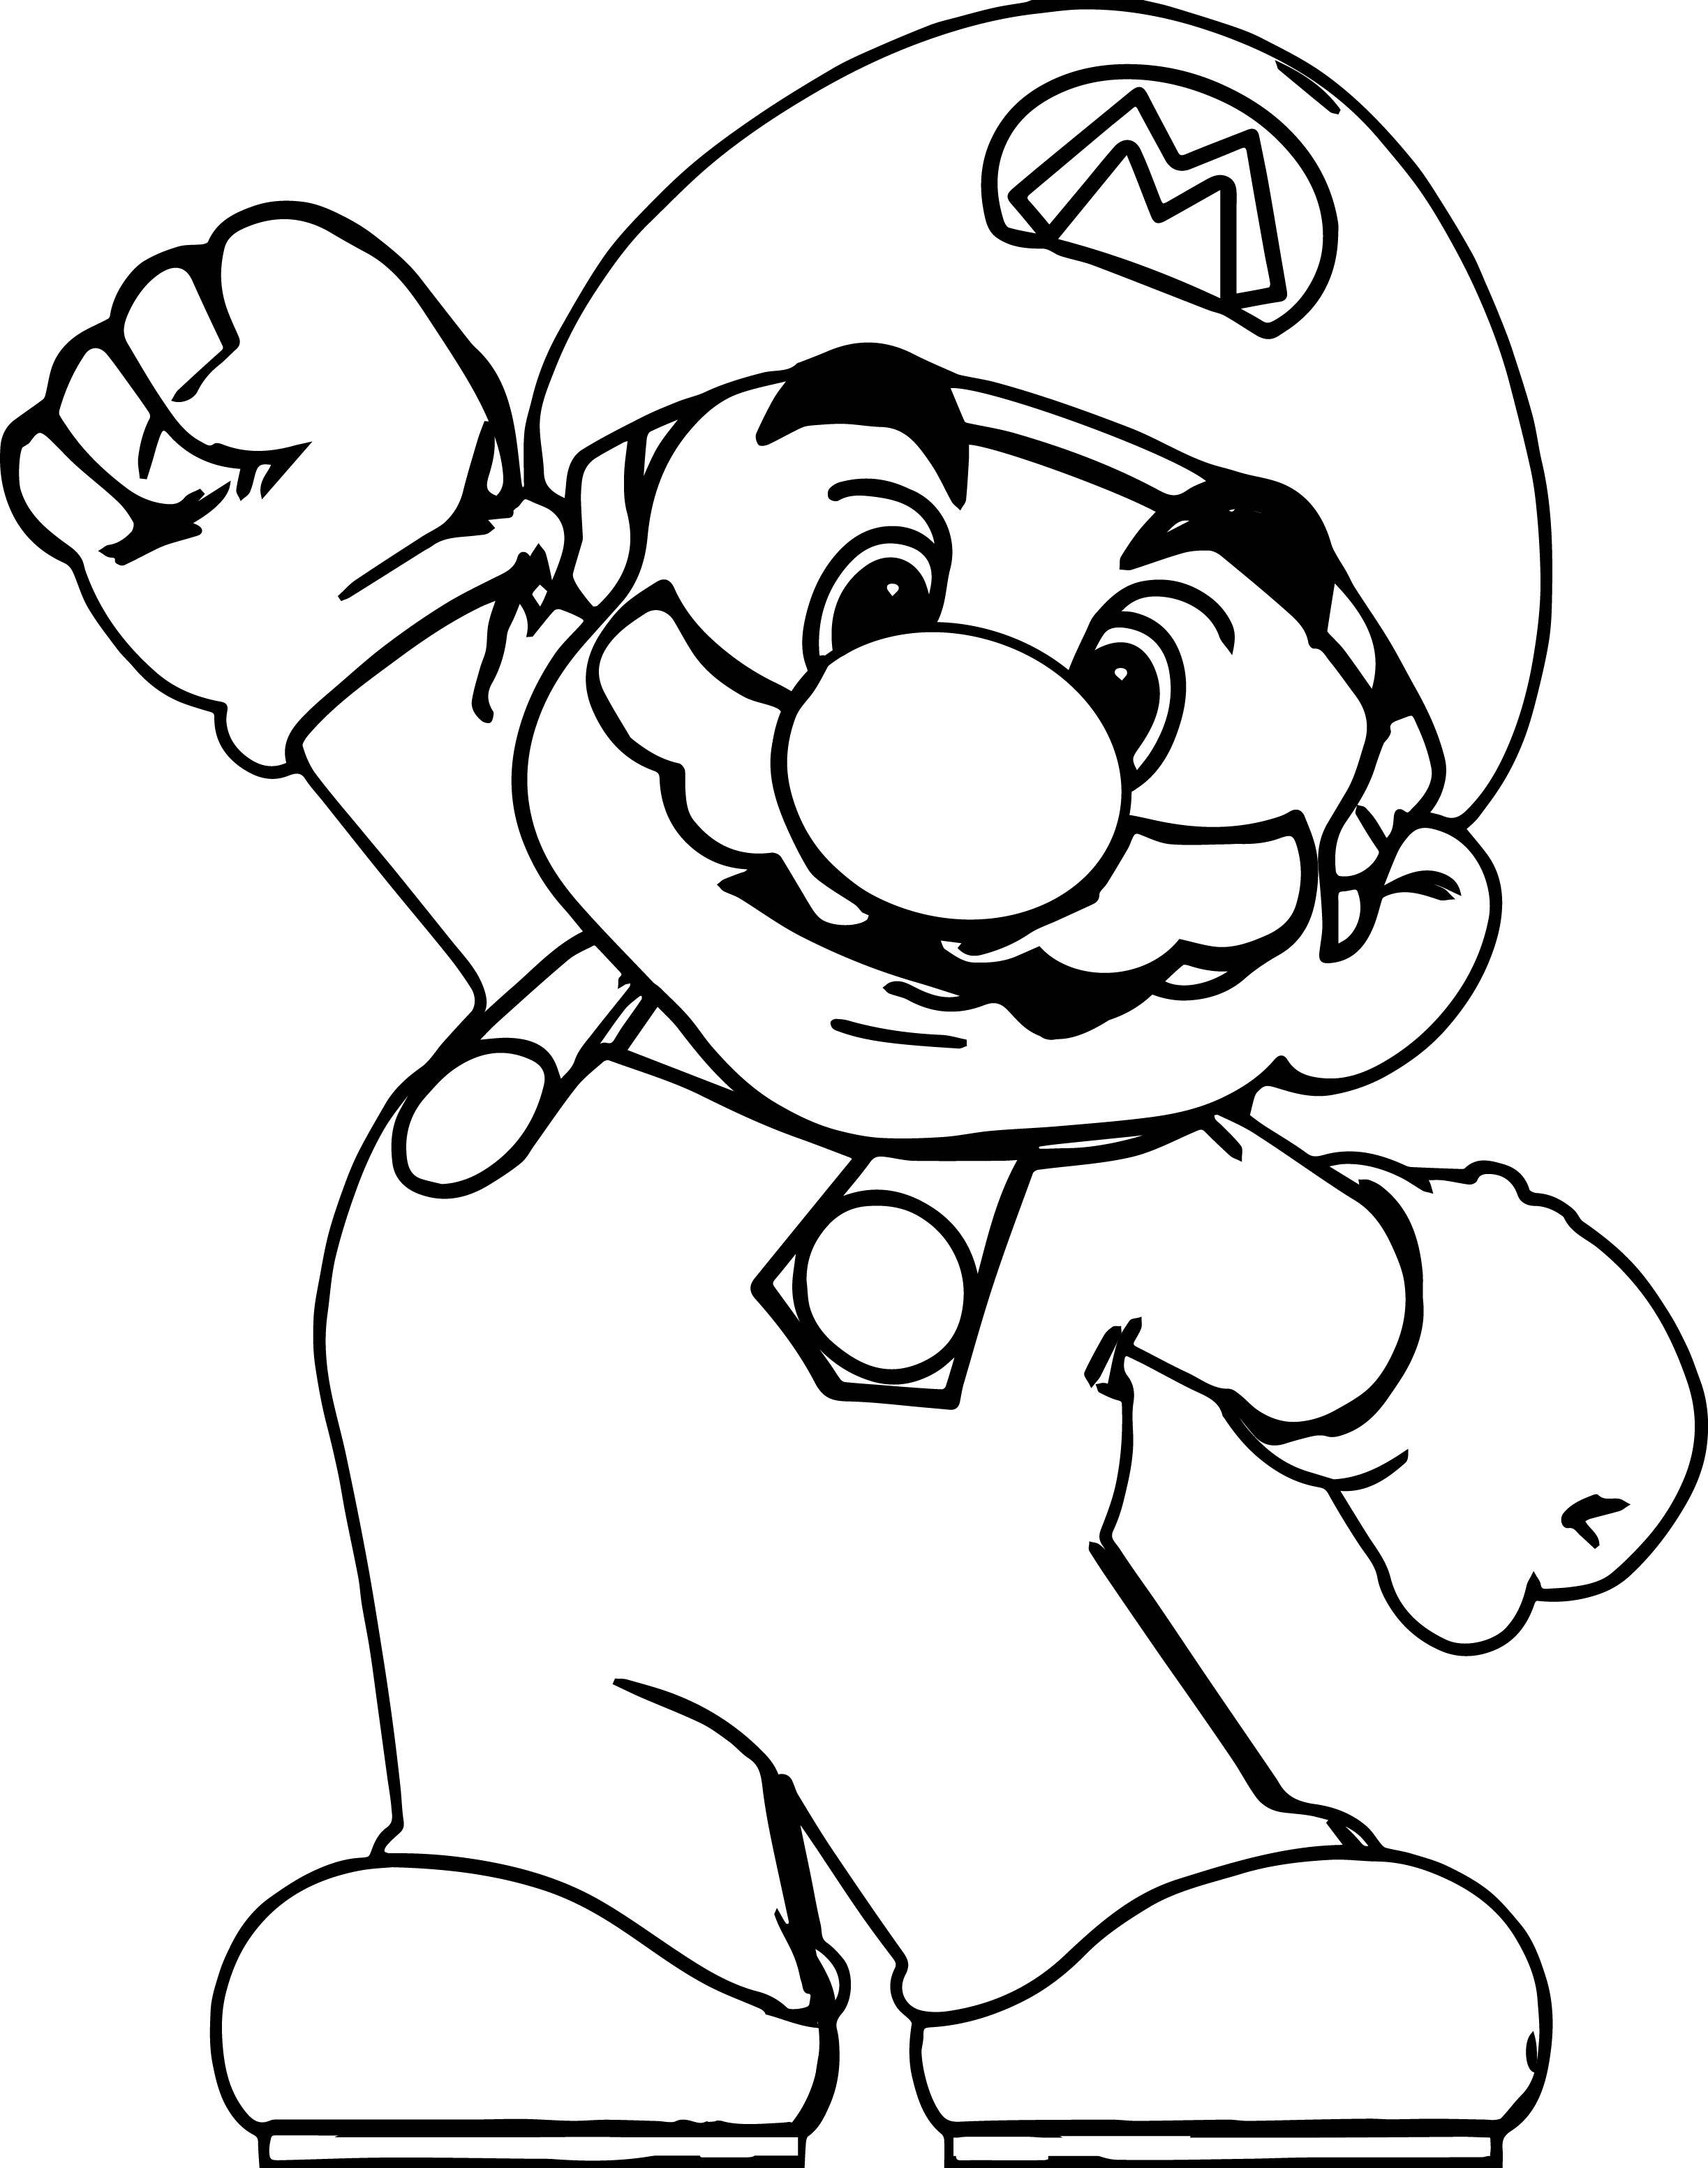 mario coloring mario coloring pages black and white super mario coloring mario 1 3